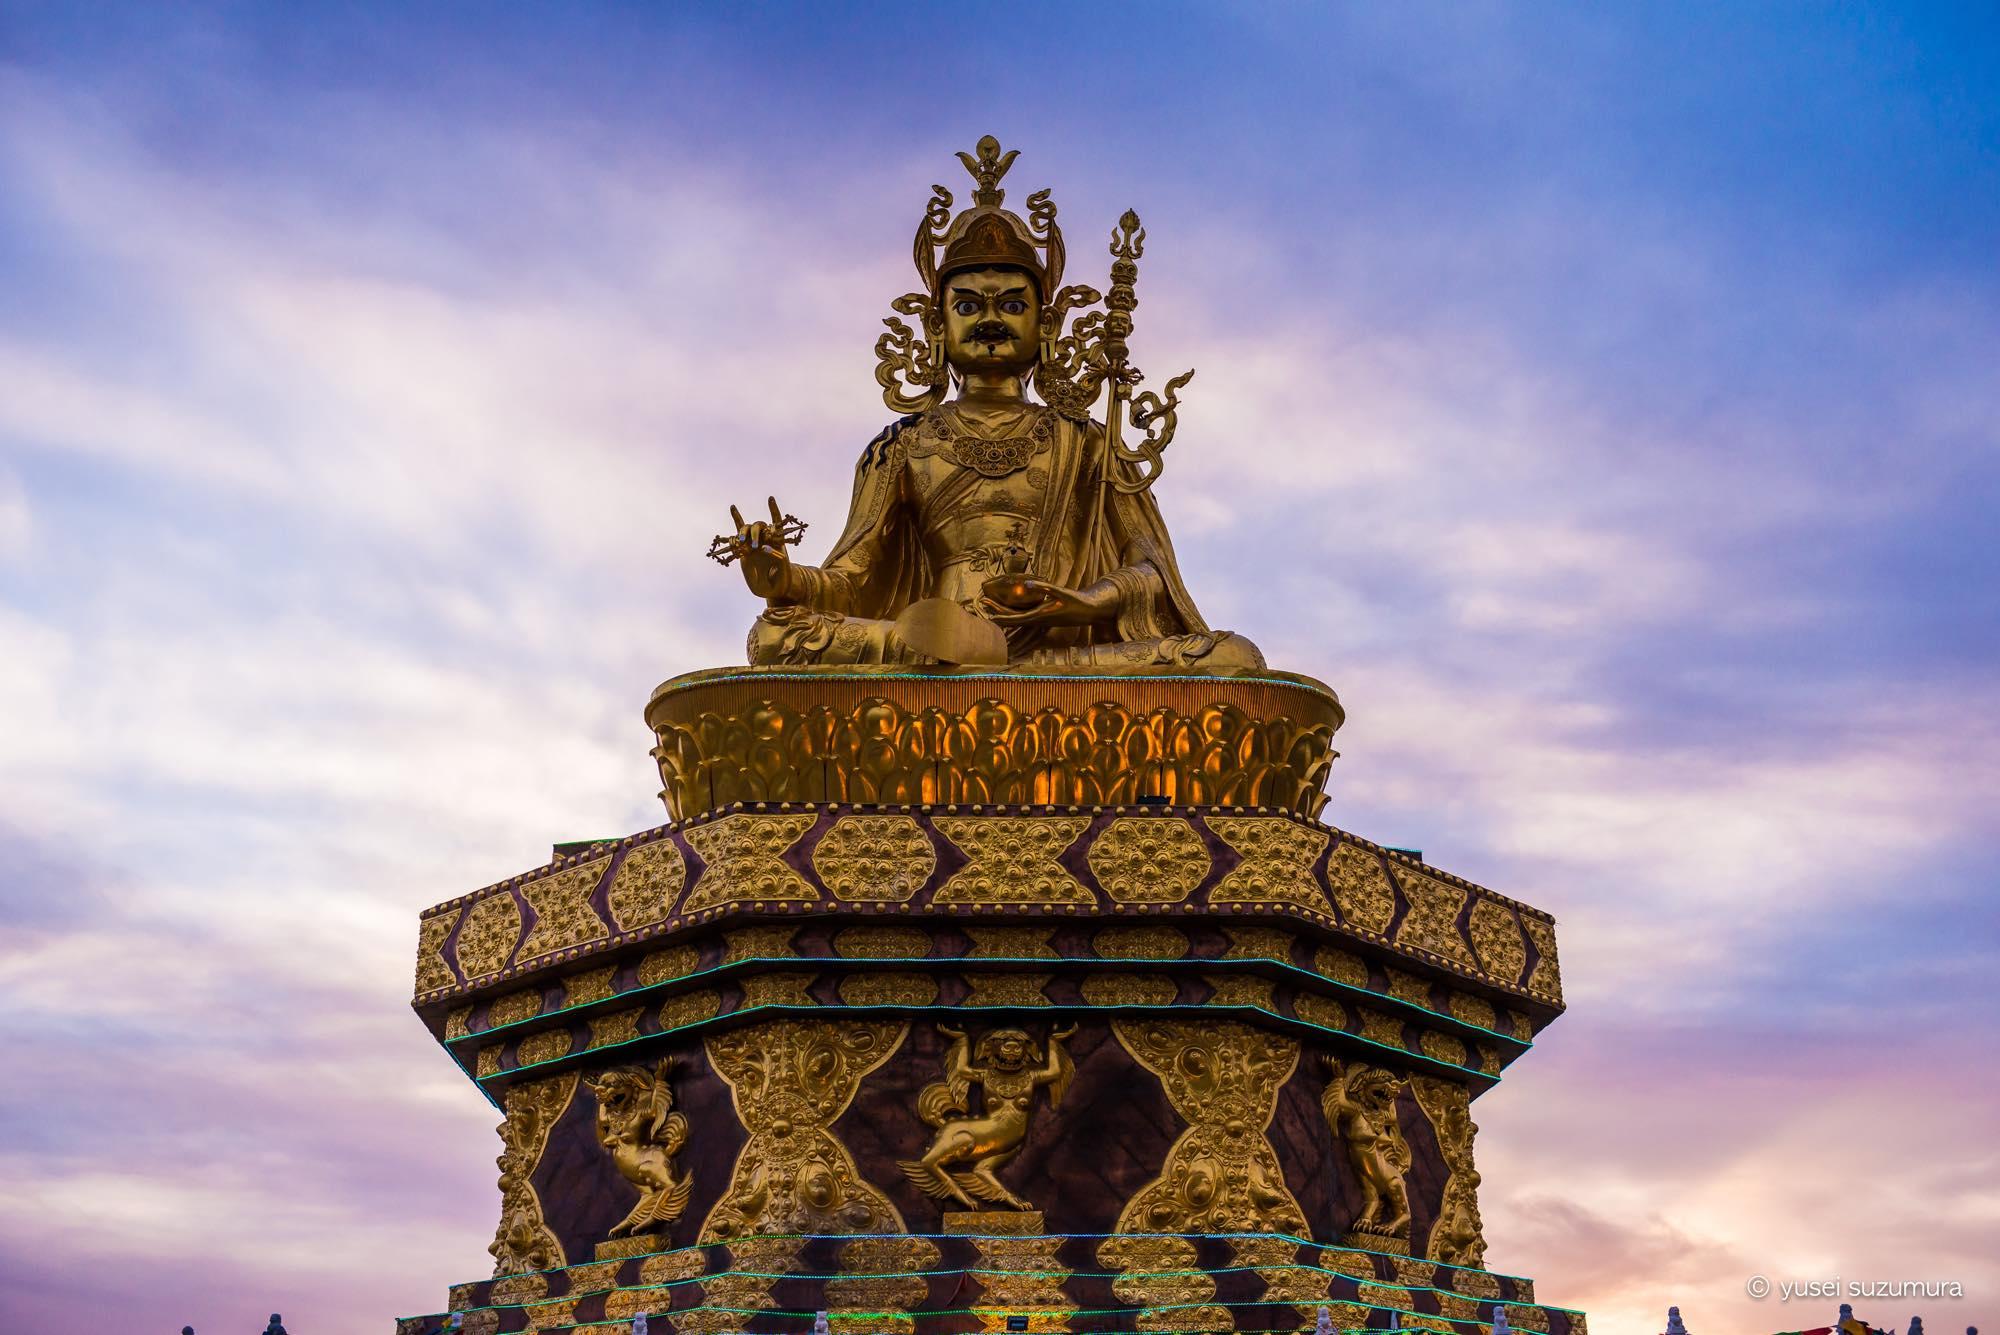 アチェンガルゴンパの仏像